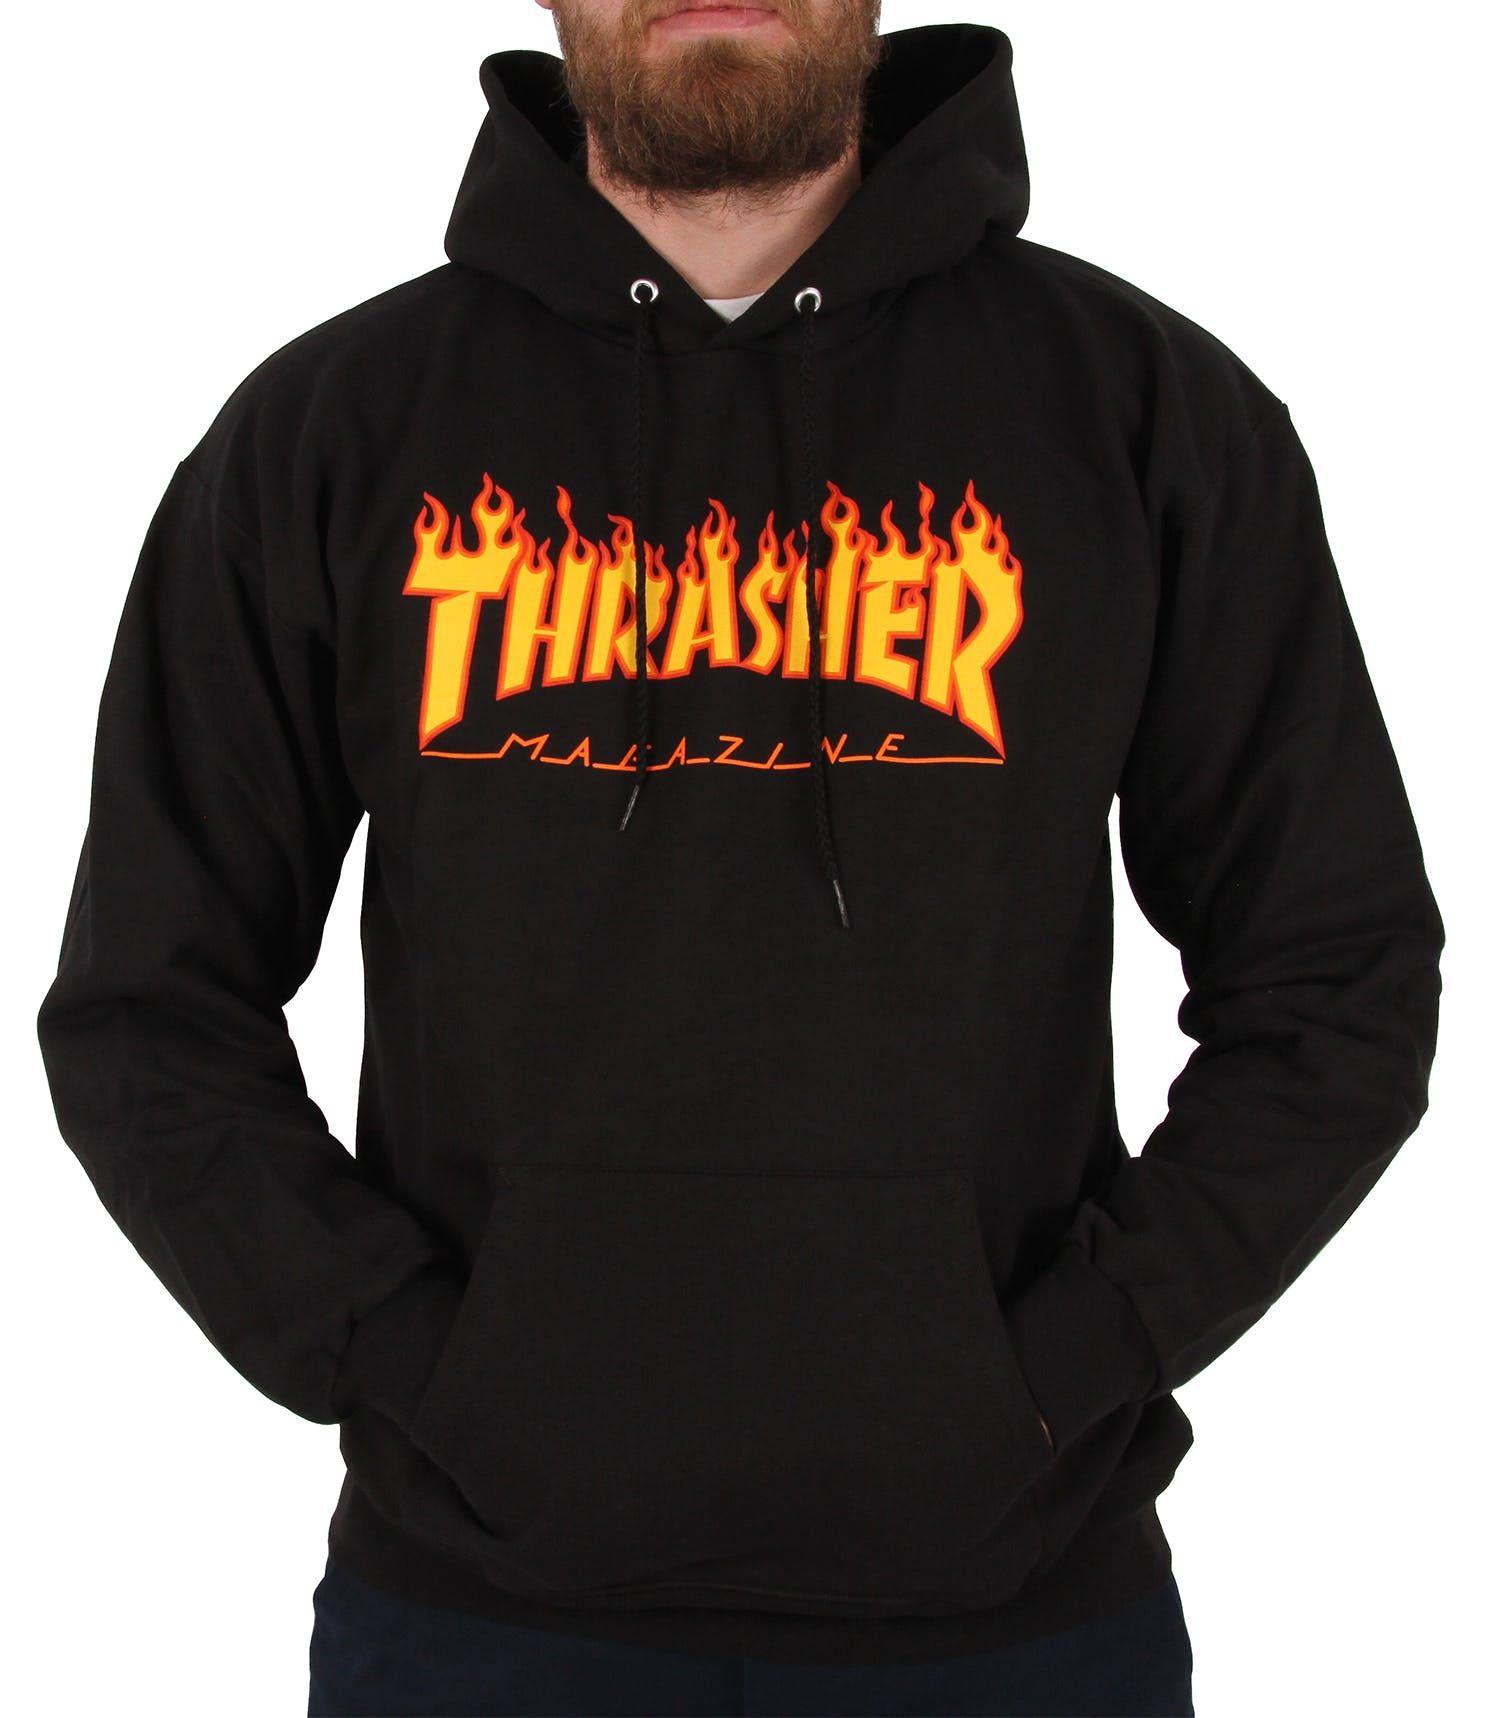 Thrasher Flame Logo Hoodie Black in 2020 Black hoodie